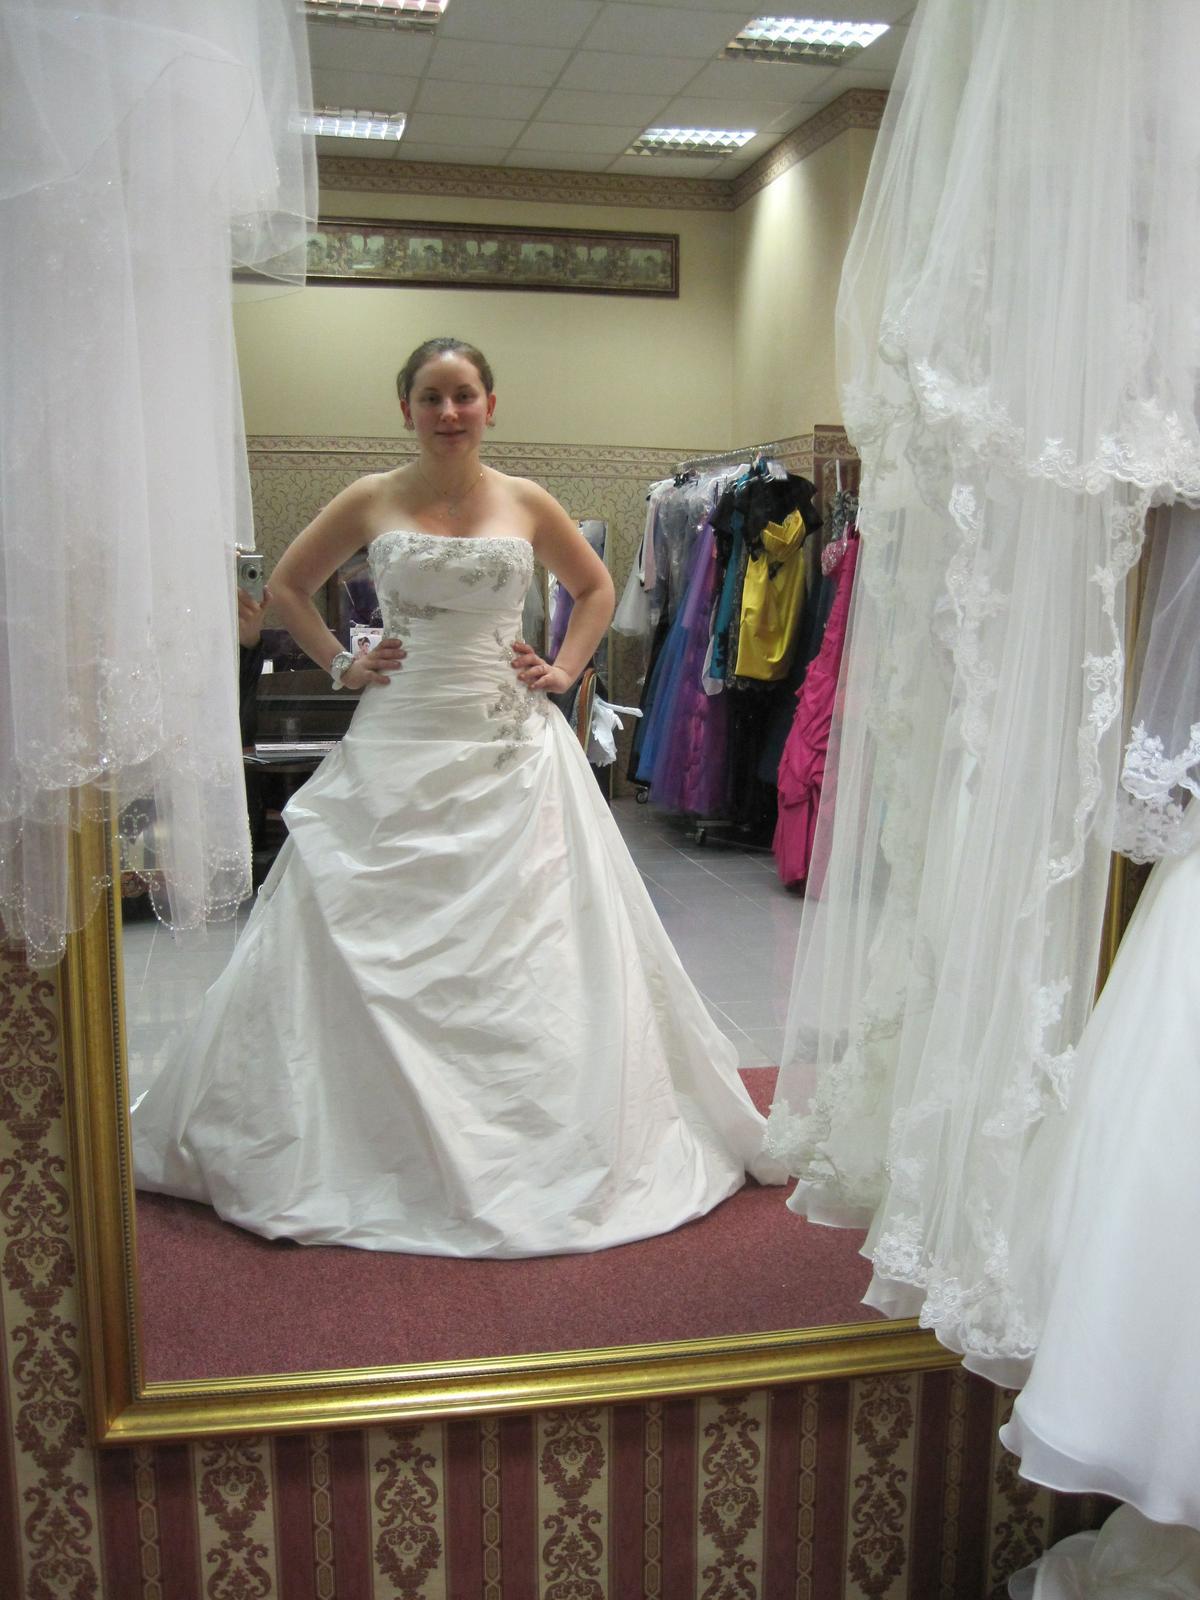 Diamantovo biele svadobné šaty Andover  - Obrázok č. 2